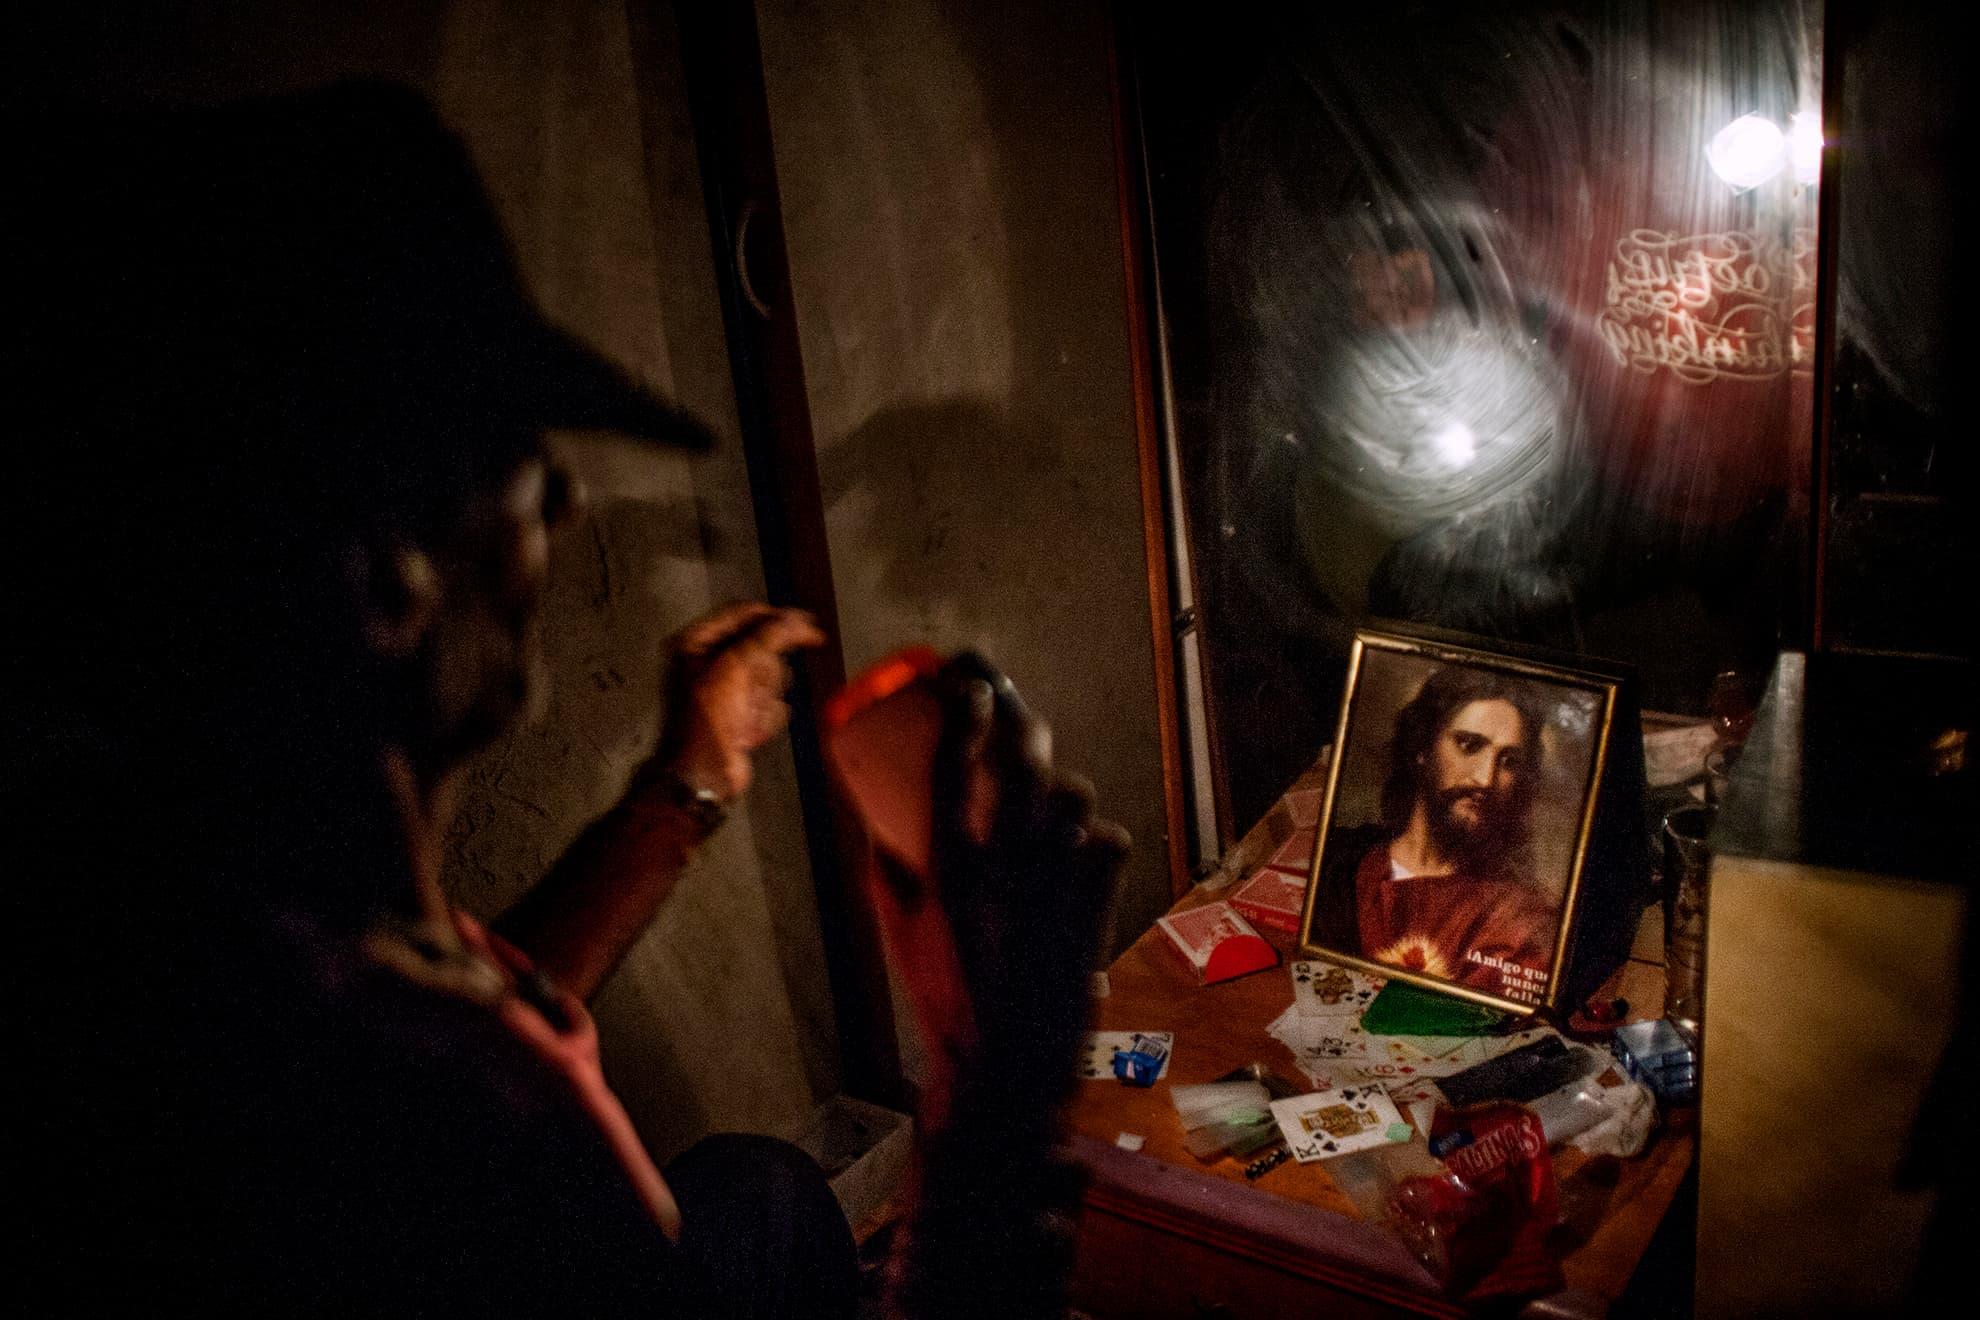 Jerónimo, que fue profesor, habla con una foto de Jesús y enciende una luz ante el espejo. Está aquí por problemas de drogas y de salud mental. La religión es un tema importante en La Casa porque muchos residentes dependen de la ayuda de su fe y su creencia en Dios para rehacer sus vidas.